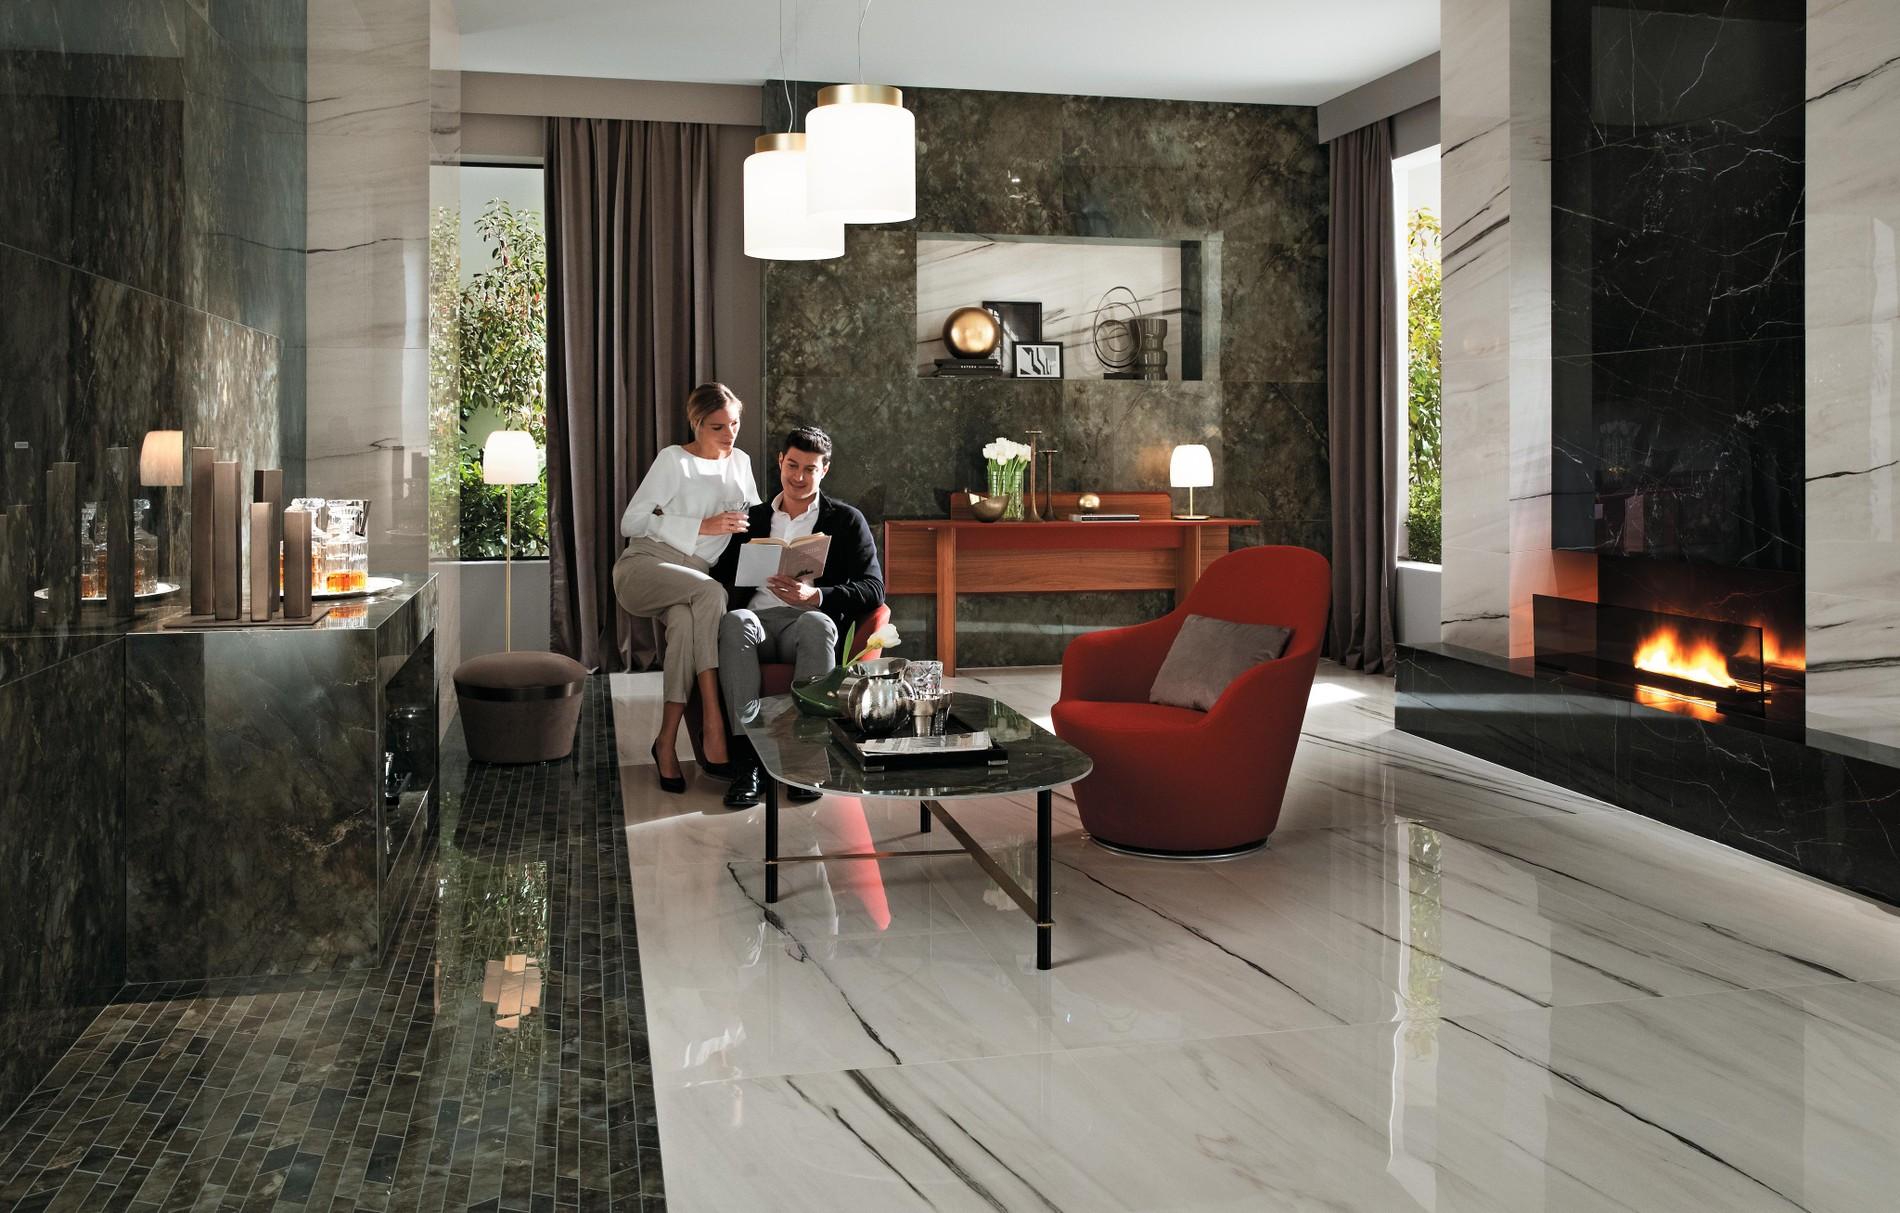 La beauté de l'effet marbre : de l'architecture au design d'intérieur.